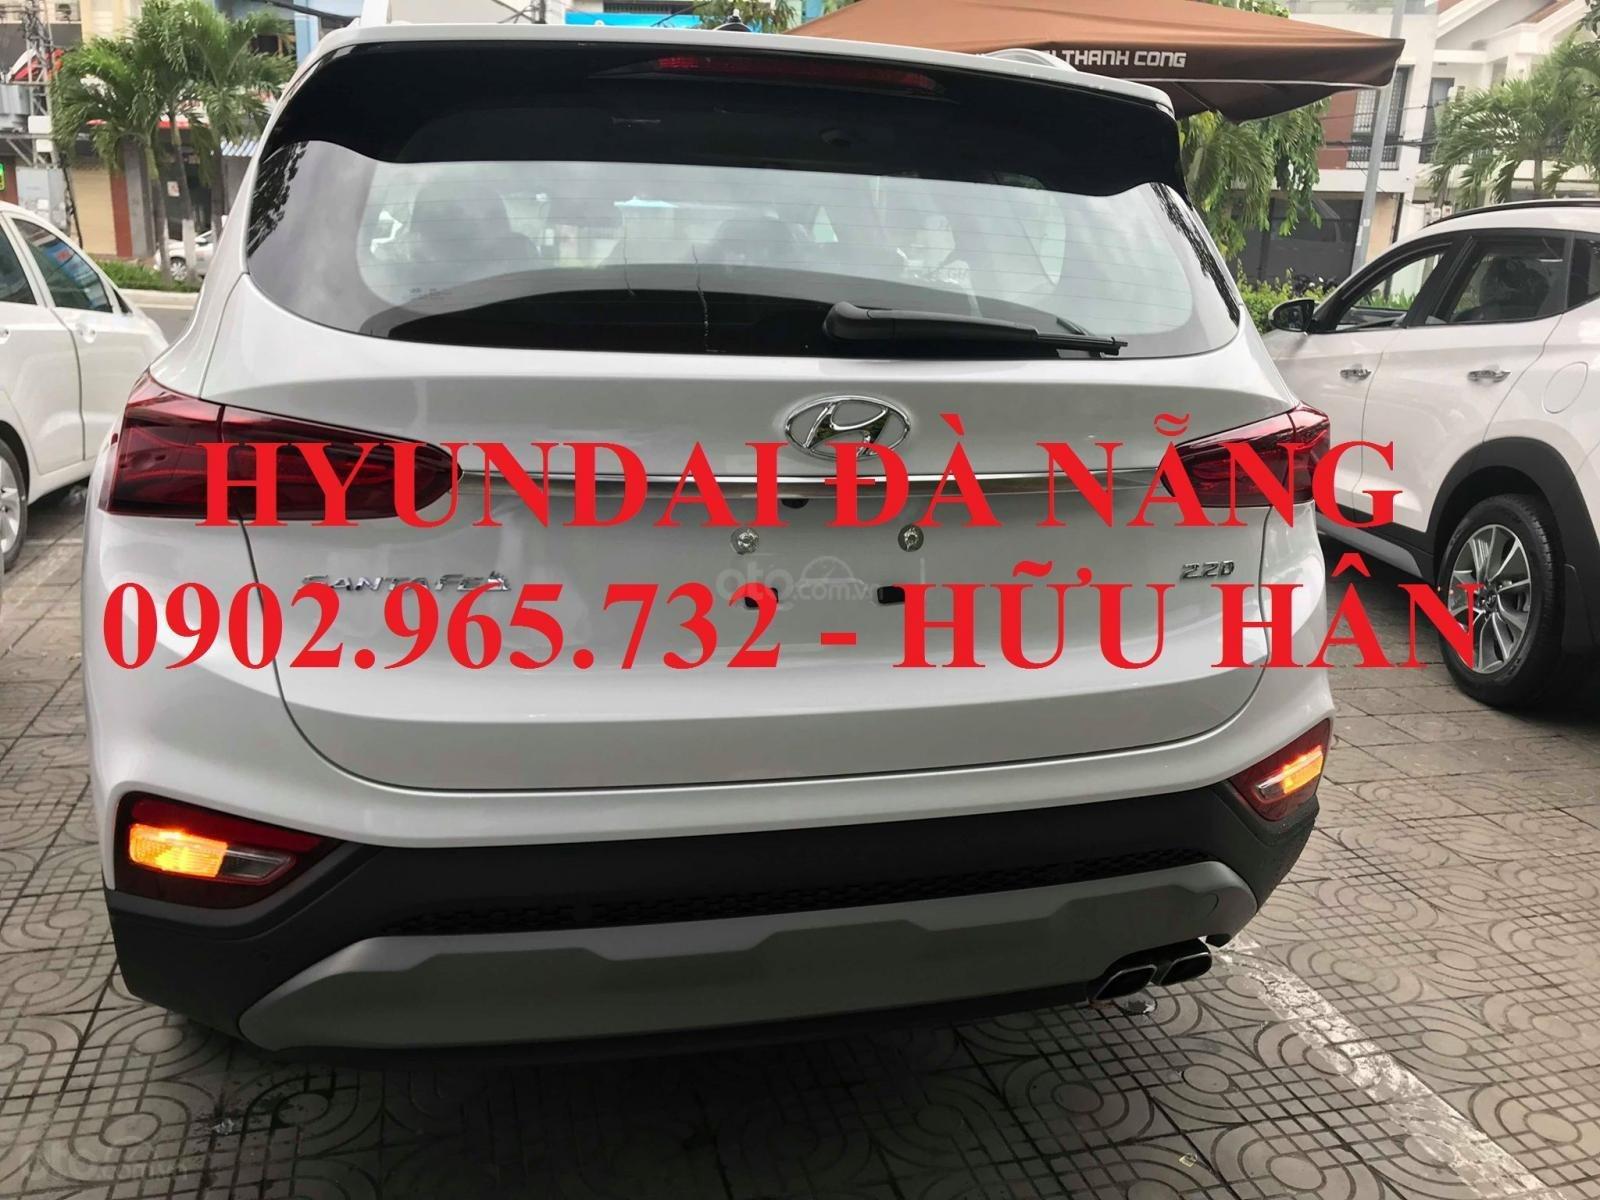 Hyundai SantaFe 2019, giảm giá cực Shock, tặng full đồ chơi. LH 0902965732 - Hữu Hân-6